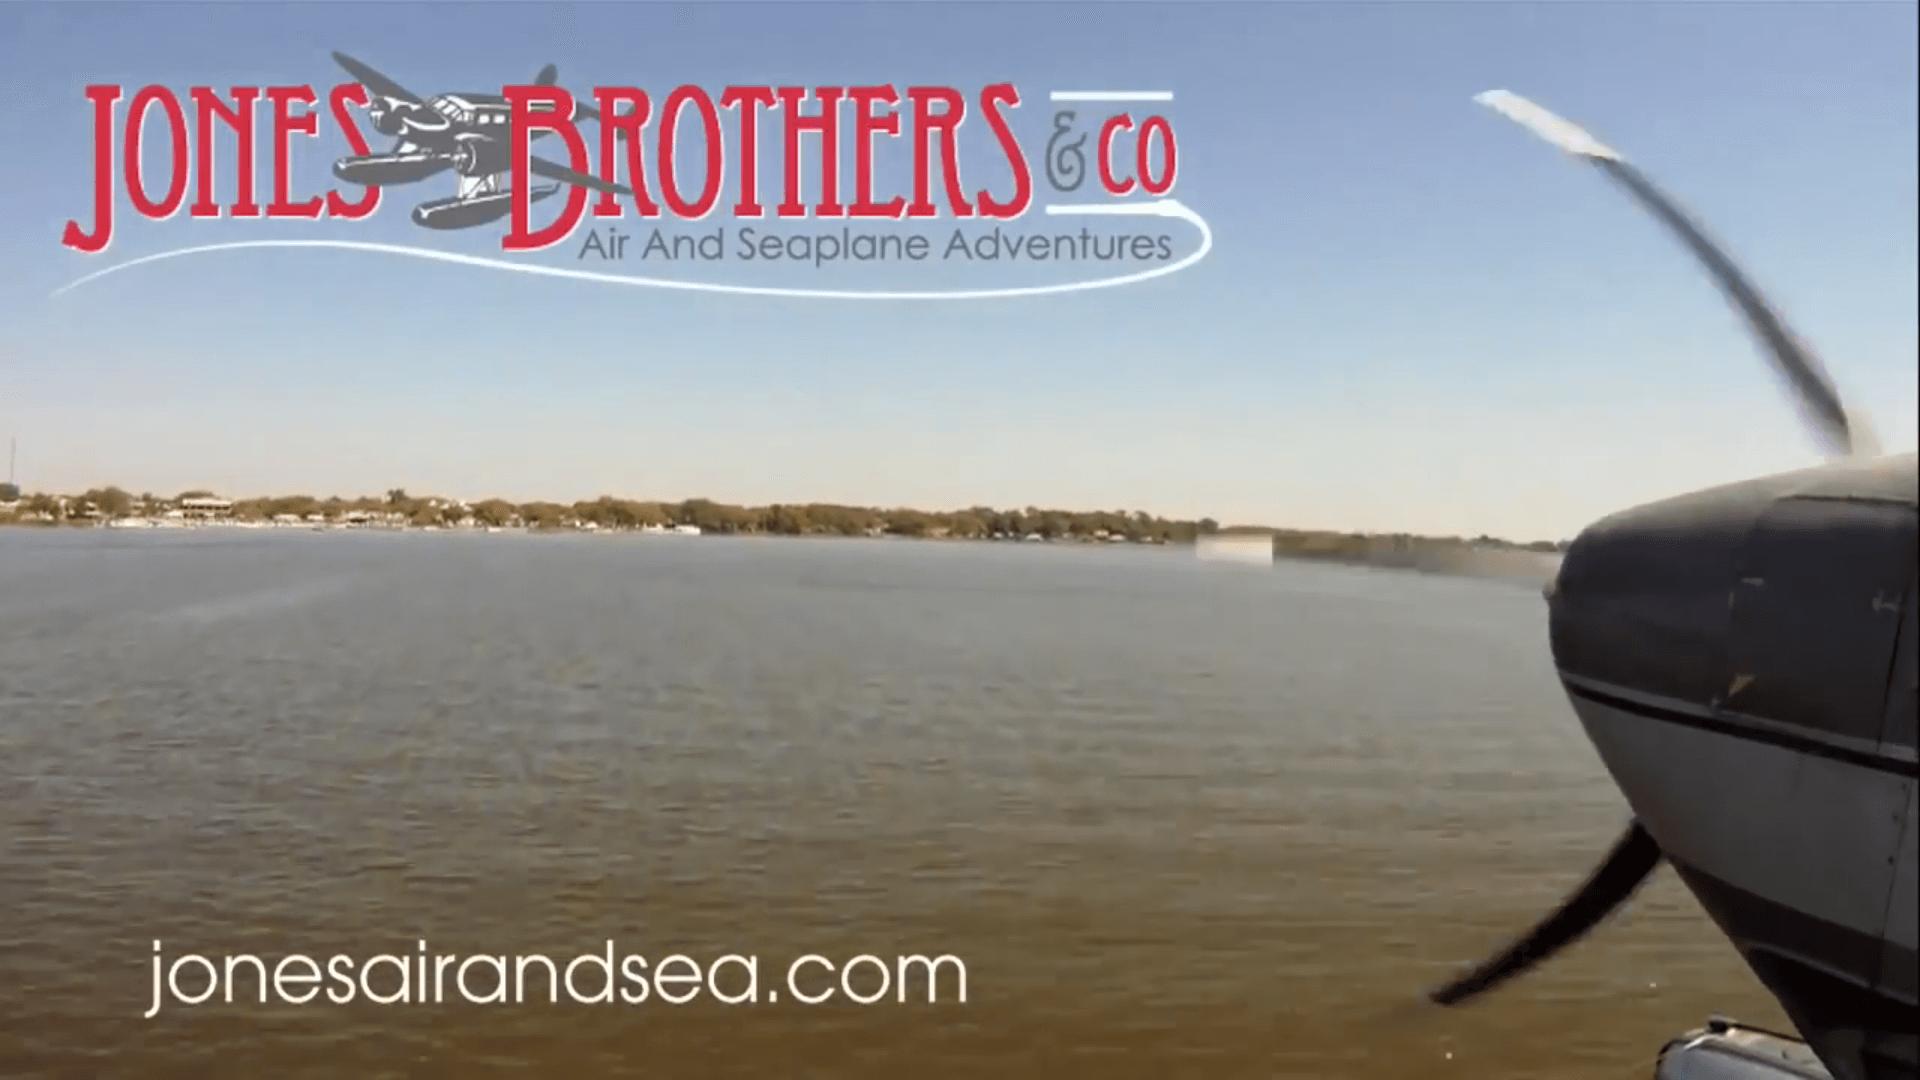 Seaplane Adventure With Jones Brothers & Co